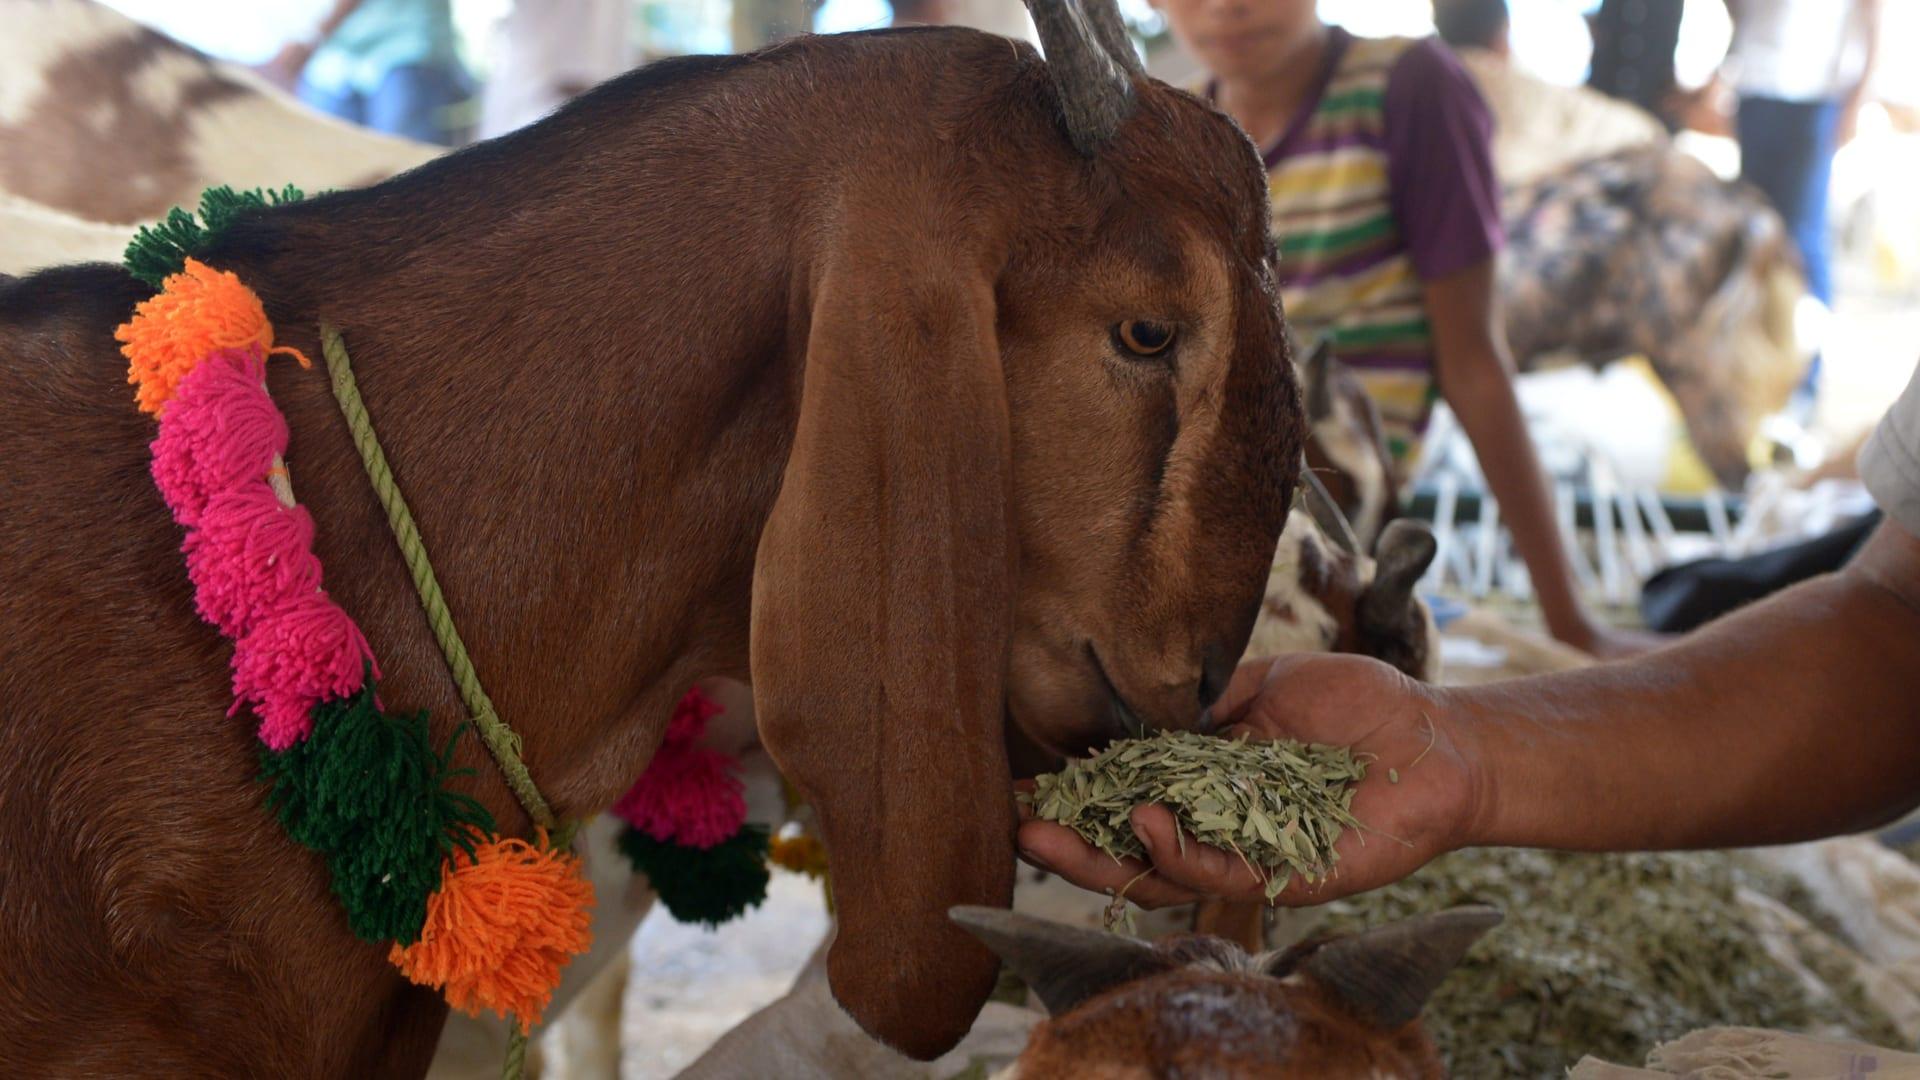 بائع أغنام يطعم ماعزا استعدادا لعيد الأضحى في أحد أسواق الهند